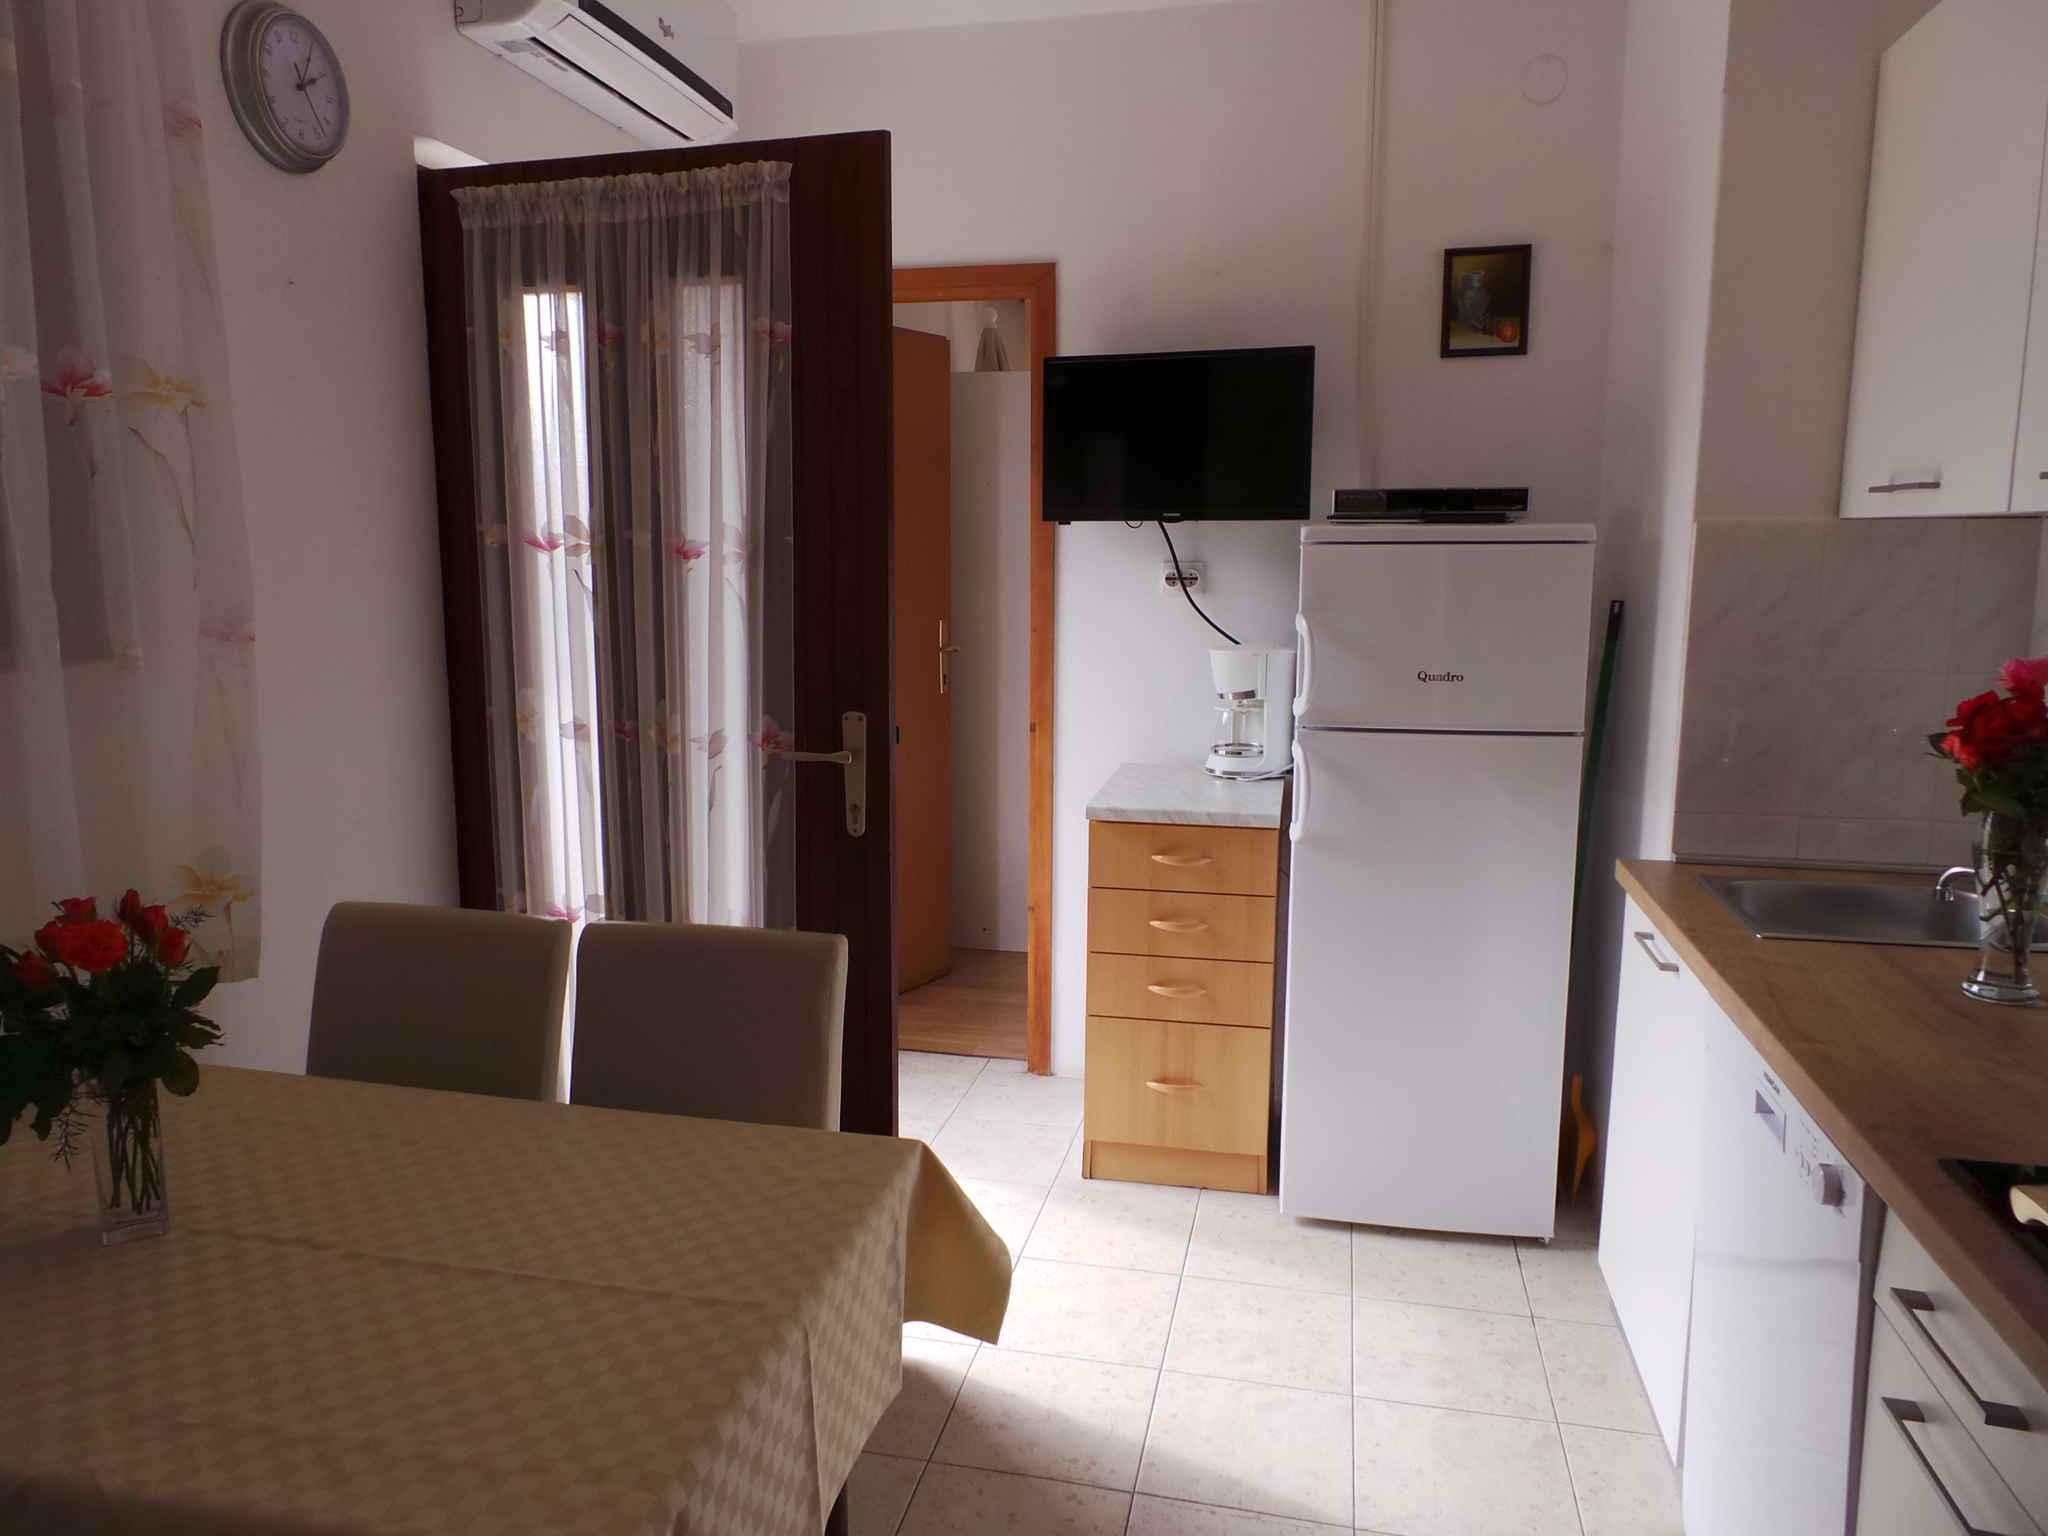 Ferienwohnung mit 2 Balkons (280344), Porec, , Istrien, Kroatien, Bild 8